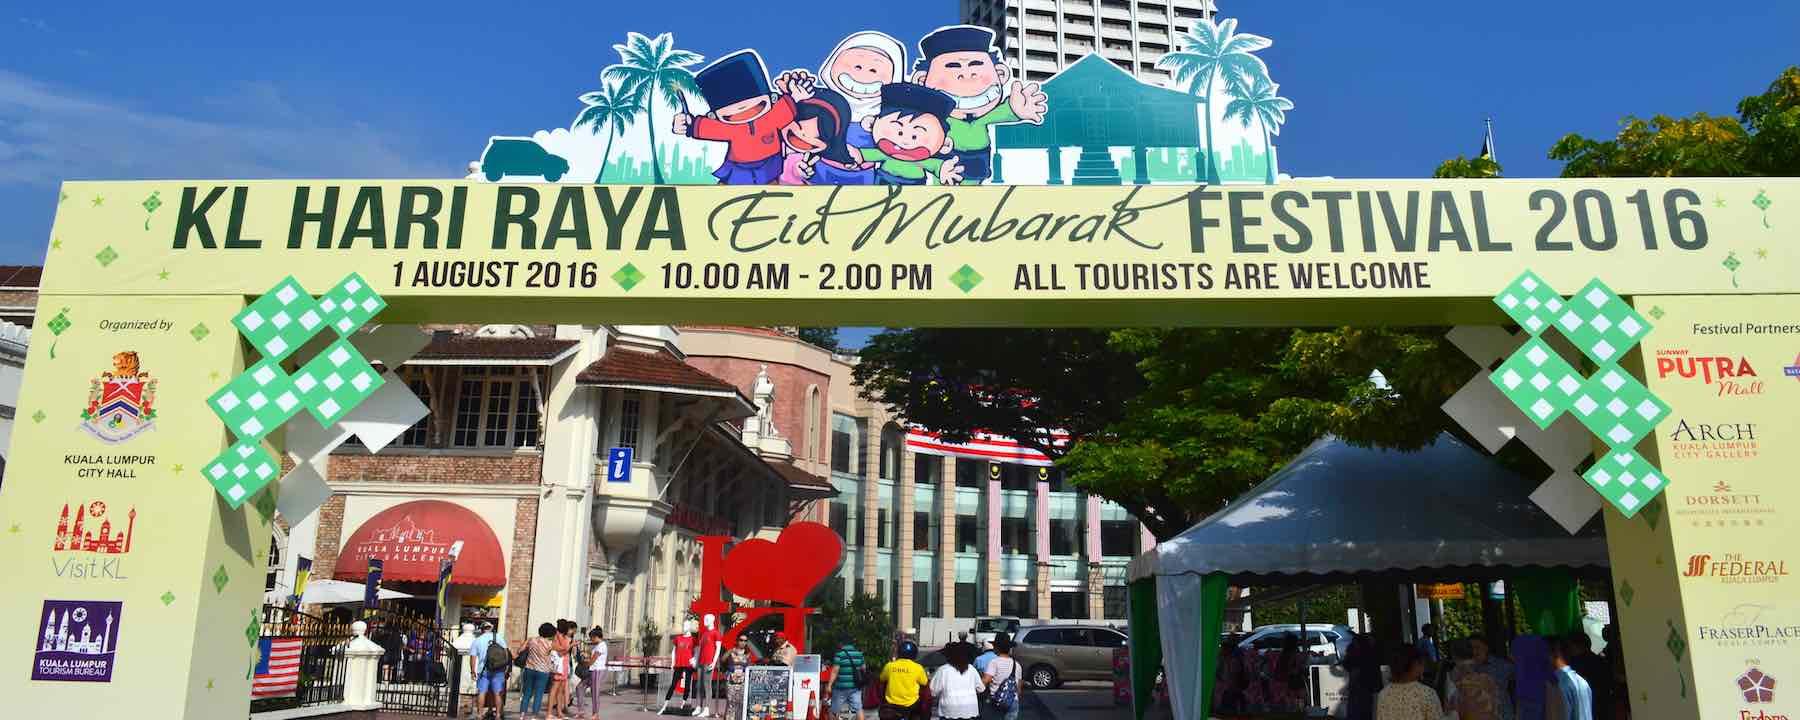 Expat Life: Food & Dance @ Hari Raya Eid Mubarak Festival in Kuala Lumpur Malaysia